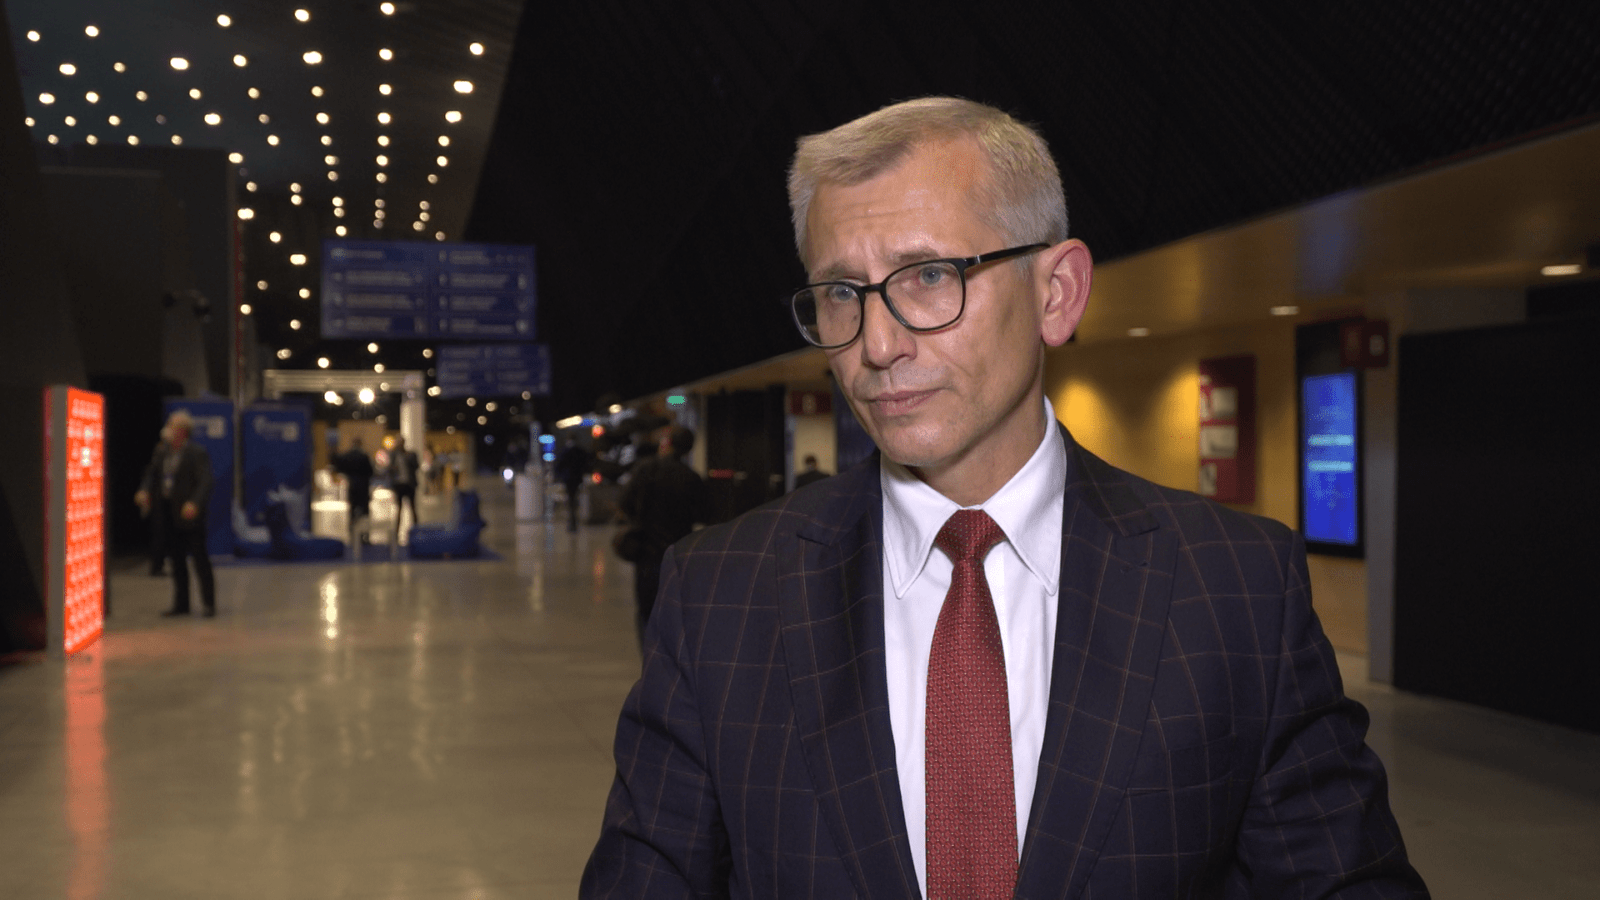 Brak porozumienia z Czechami w sprawie Turowa może kosztować Polskę 20 mld zł do 2044 roku